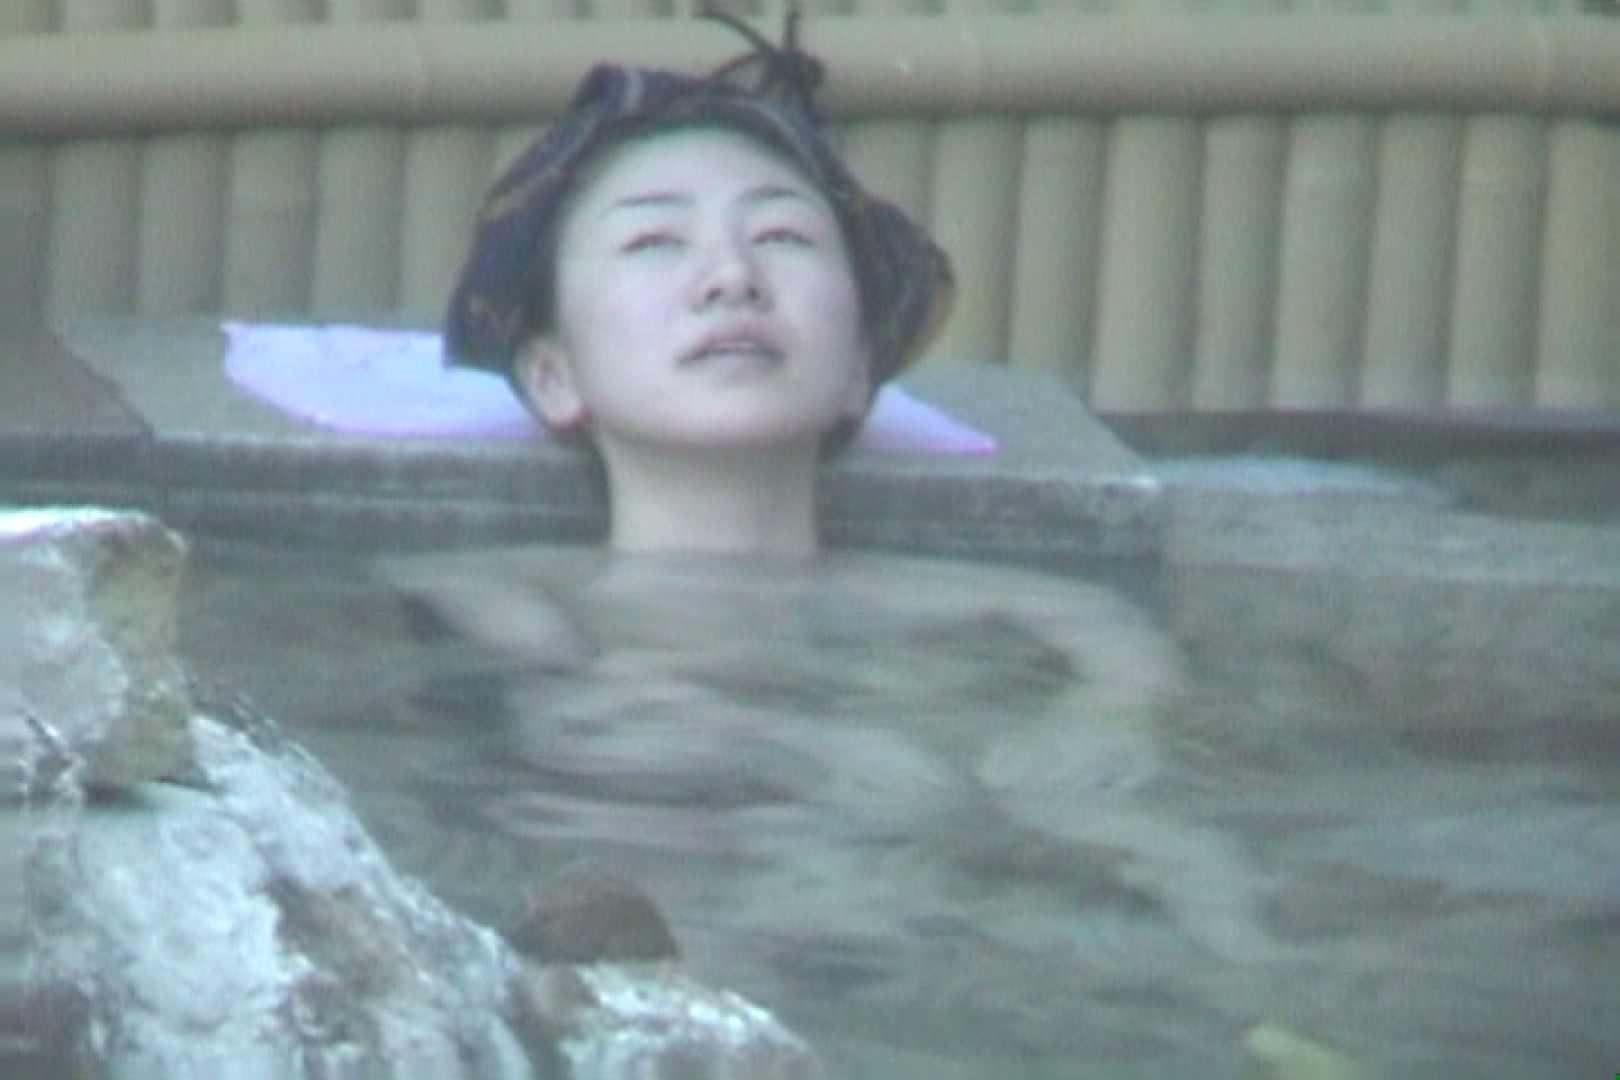 Aquaな露天風呂Vol.607 露天   盗撮  69PICs 58